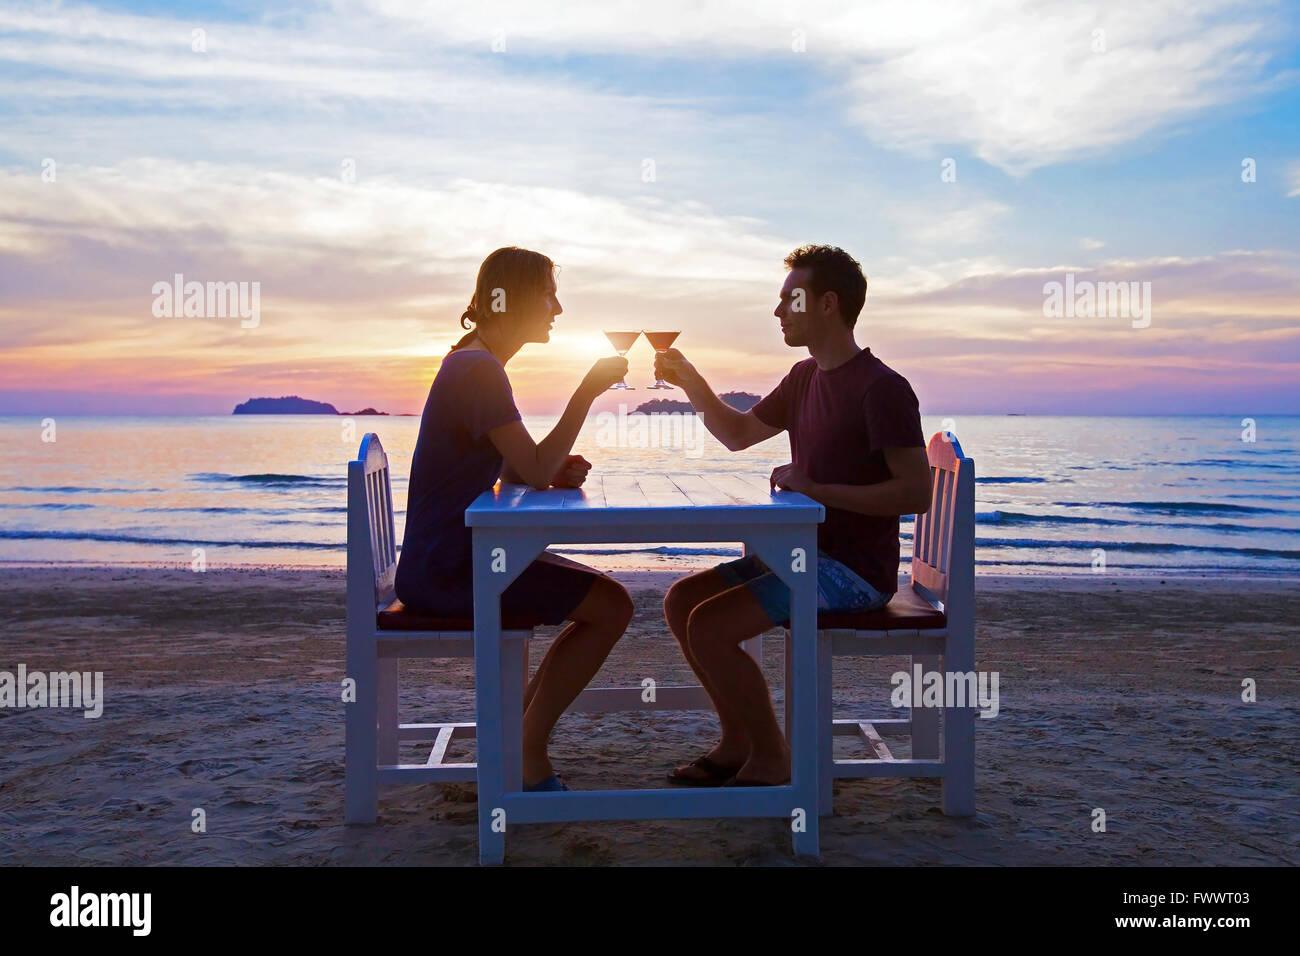 Cena romántica en la playa, en el restaurante de lujo, parejas en luna de miel bebiendo cócteles tropicales al atardecer Foto de stock